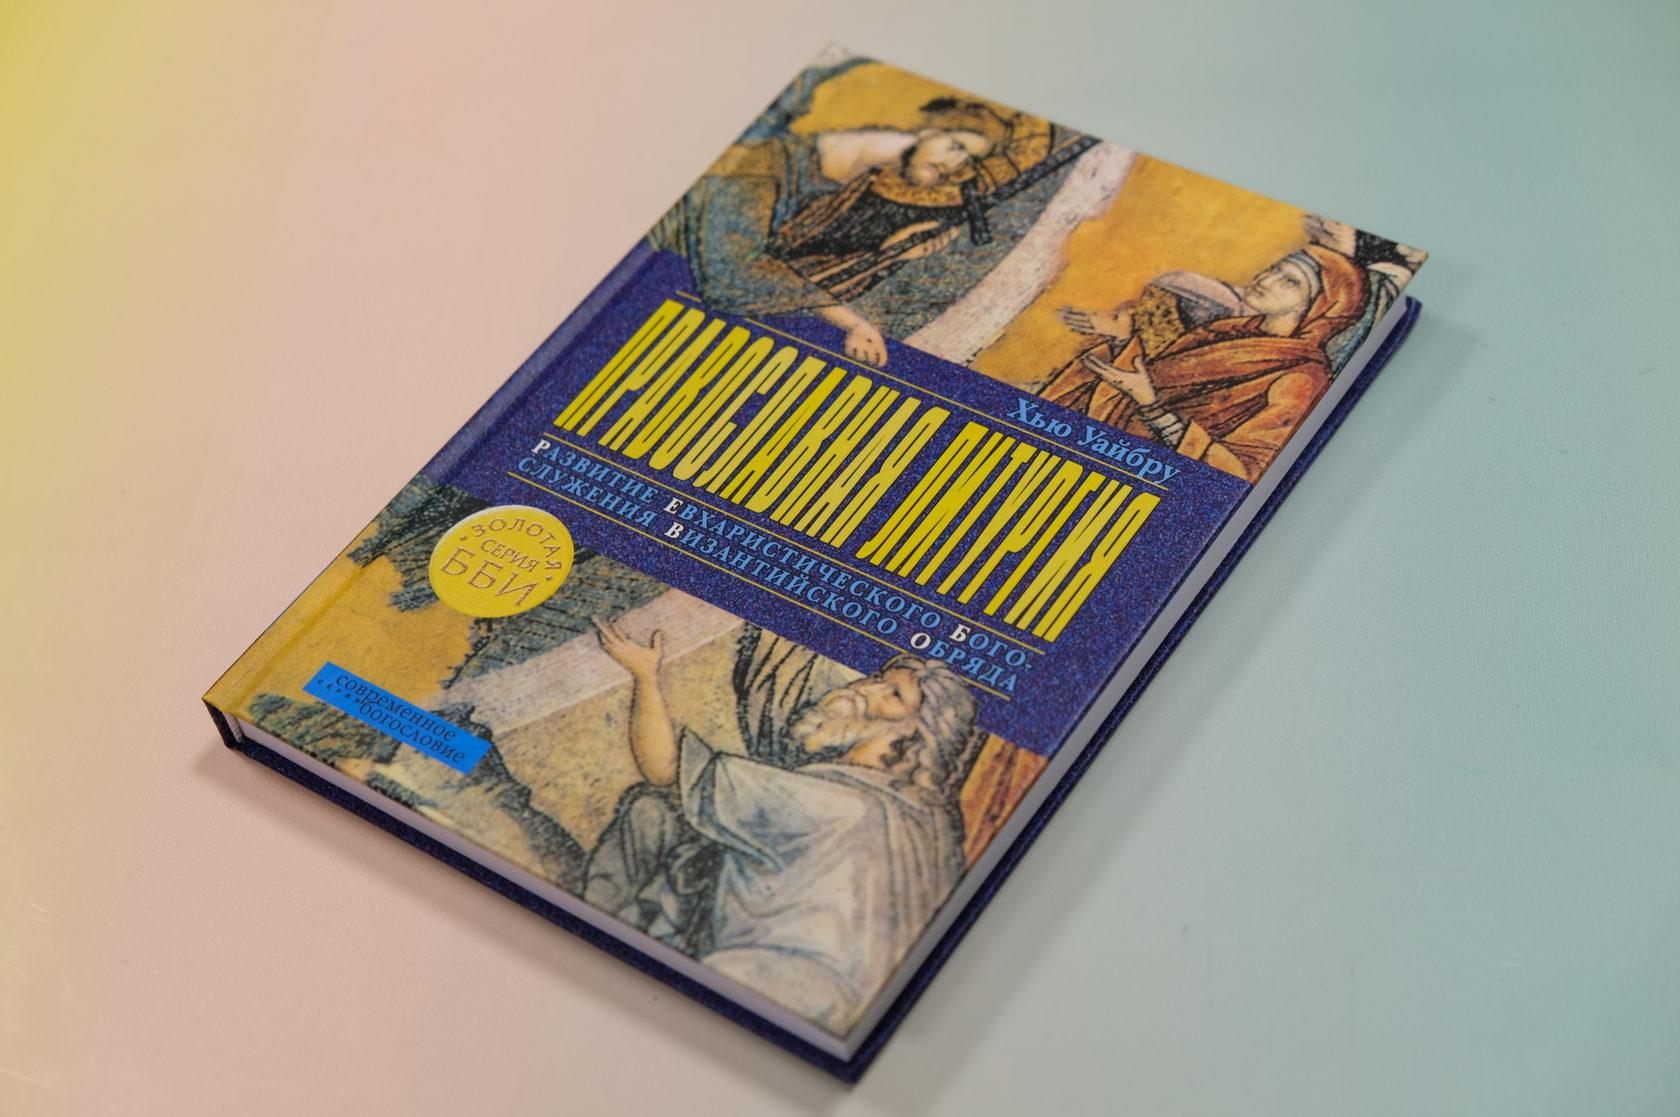 Хью Уайбру «Православная литургия. Развитие евхаристического богослужения византийского обряда»